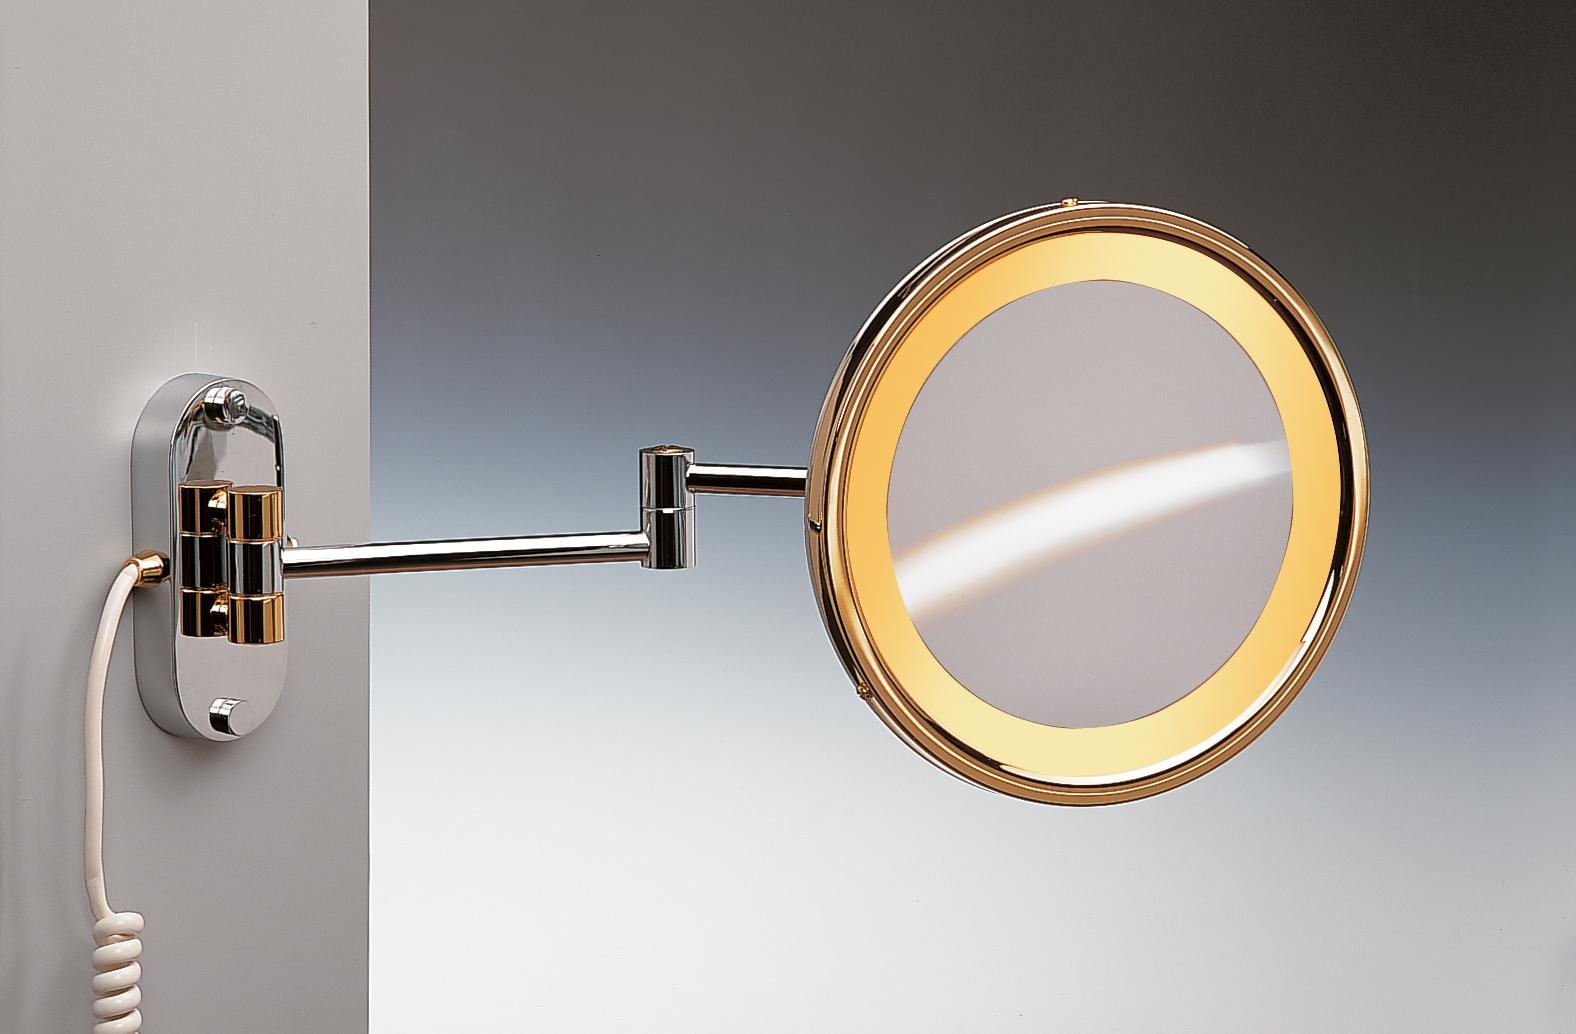 Зеркала Зеркало косметическое Windisch 99150CRO 5XD elitnoe-zerkalo-kosmeticheskoe-99150-ot-windisch-ispaniya.jpg